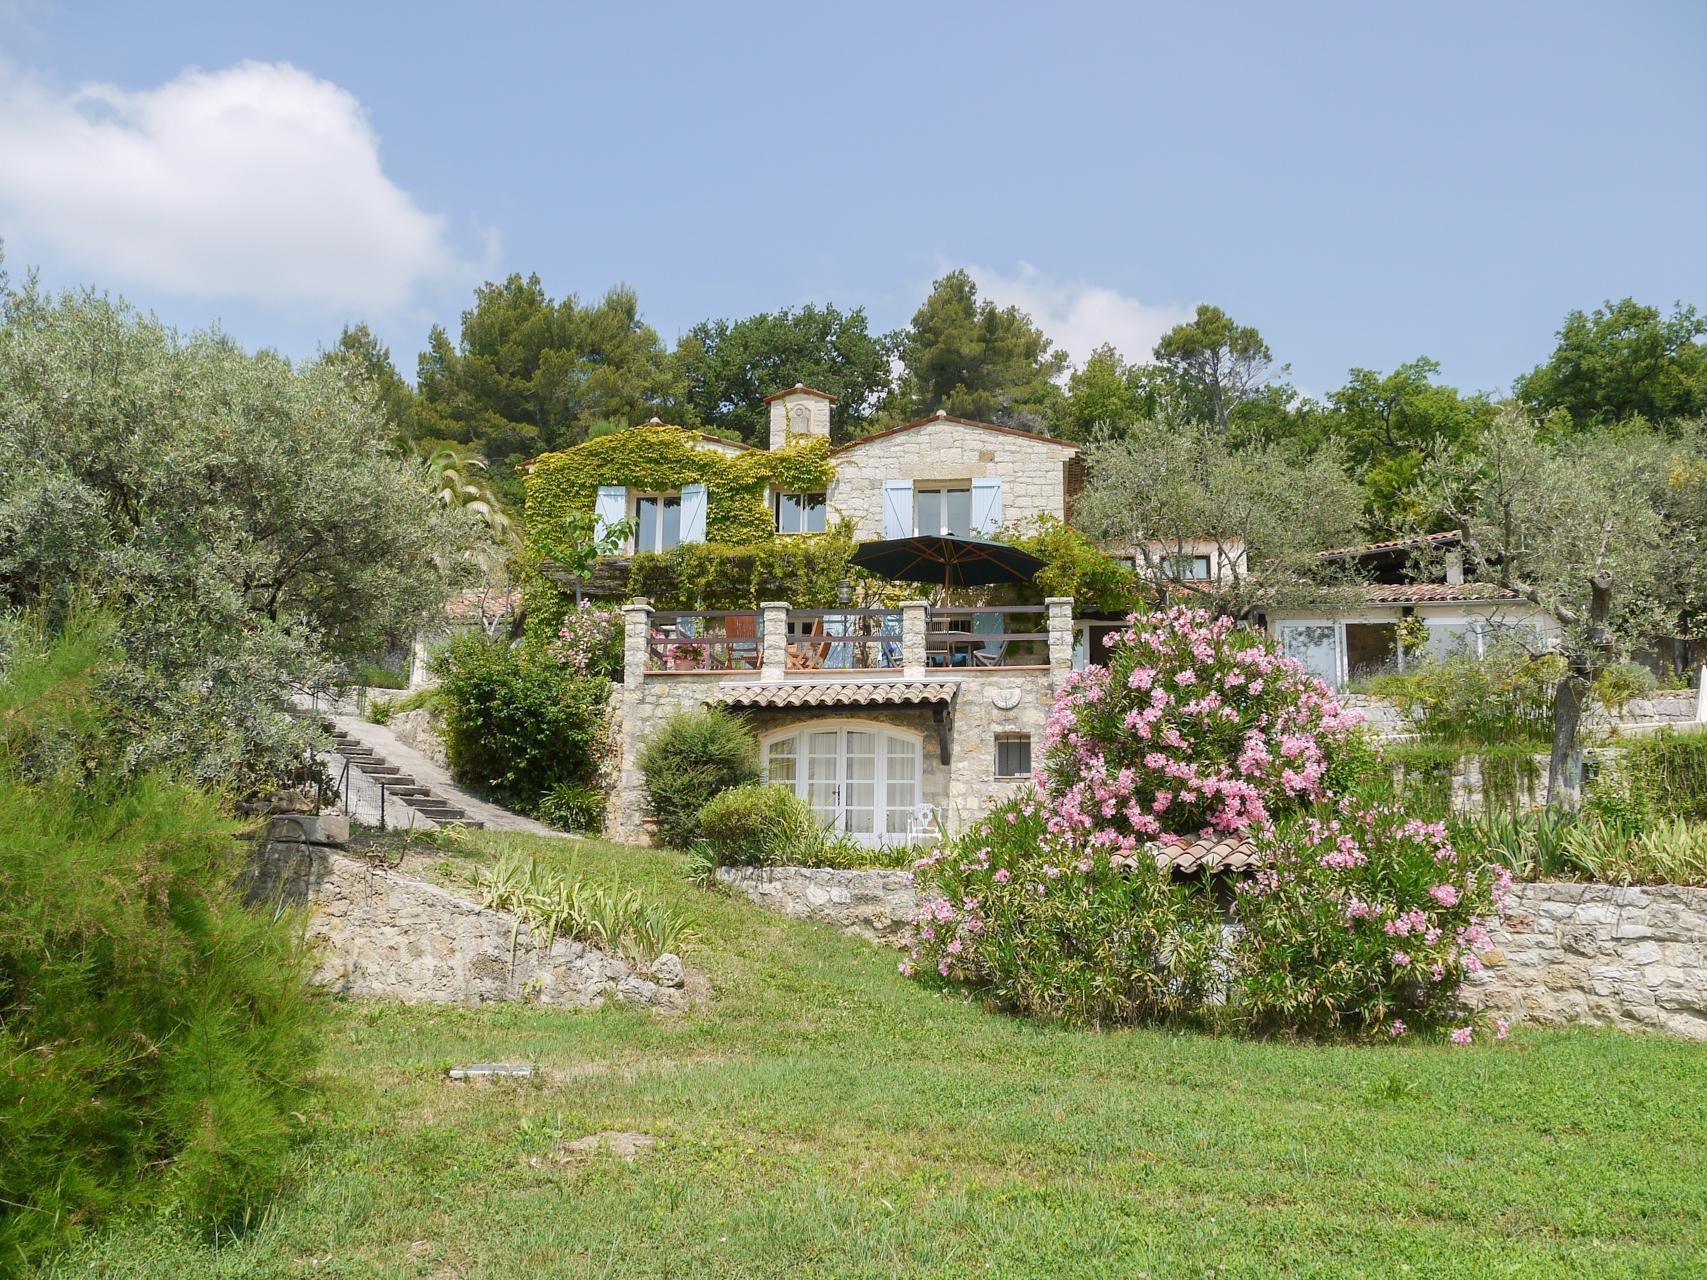 Flott villa med 3 soverom og separat studioleilighet til salgs - Callian